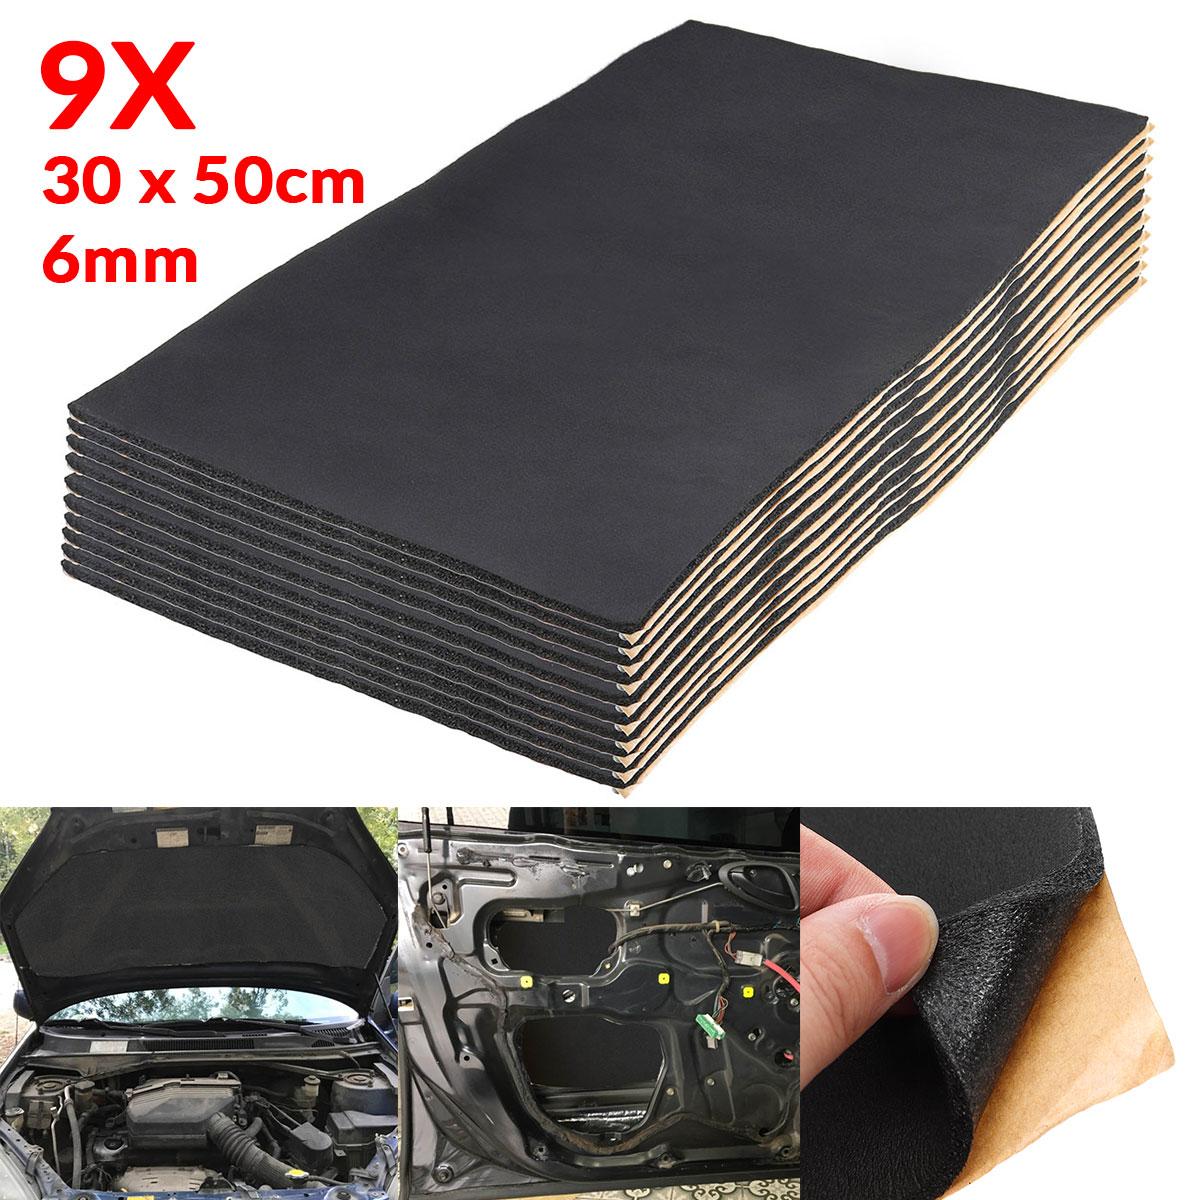 9X1 cm 0.6cm voiture son chaude Deadener Mat bruit preuve Bonnet isolation amortissement moteur pare-feu chaleur mousse coton autocollant 30x50cm